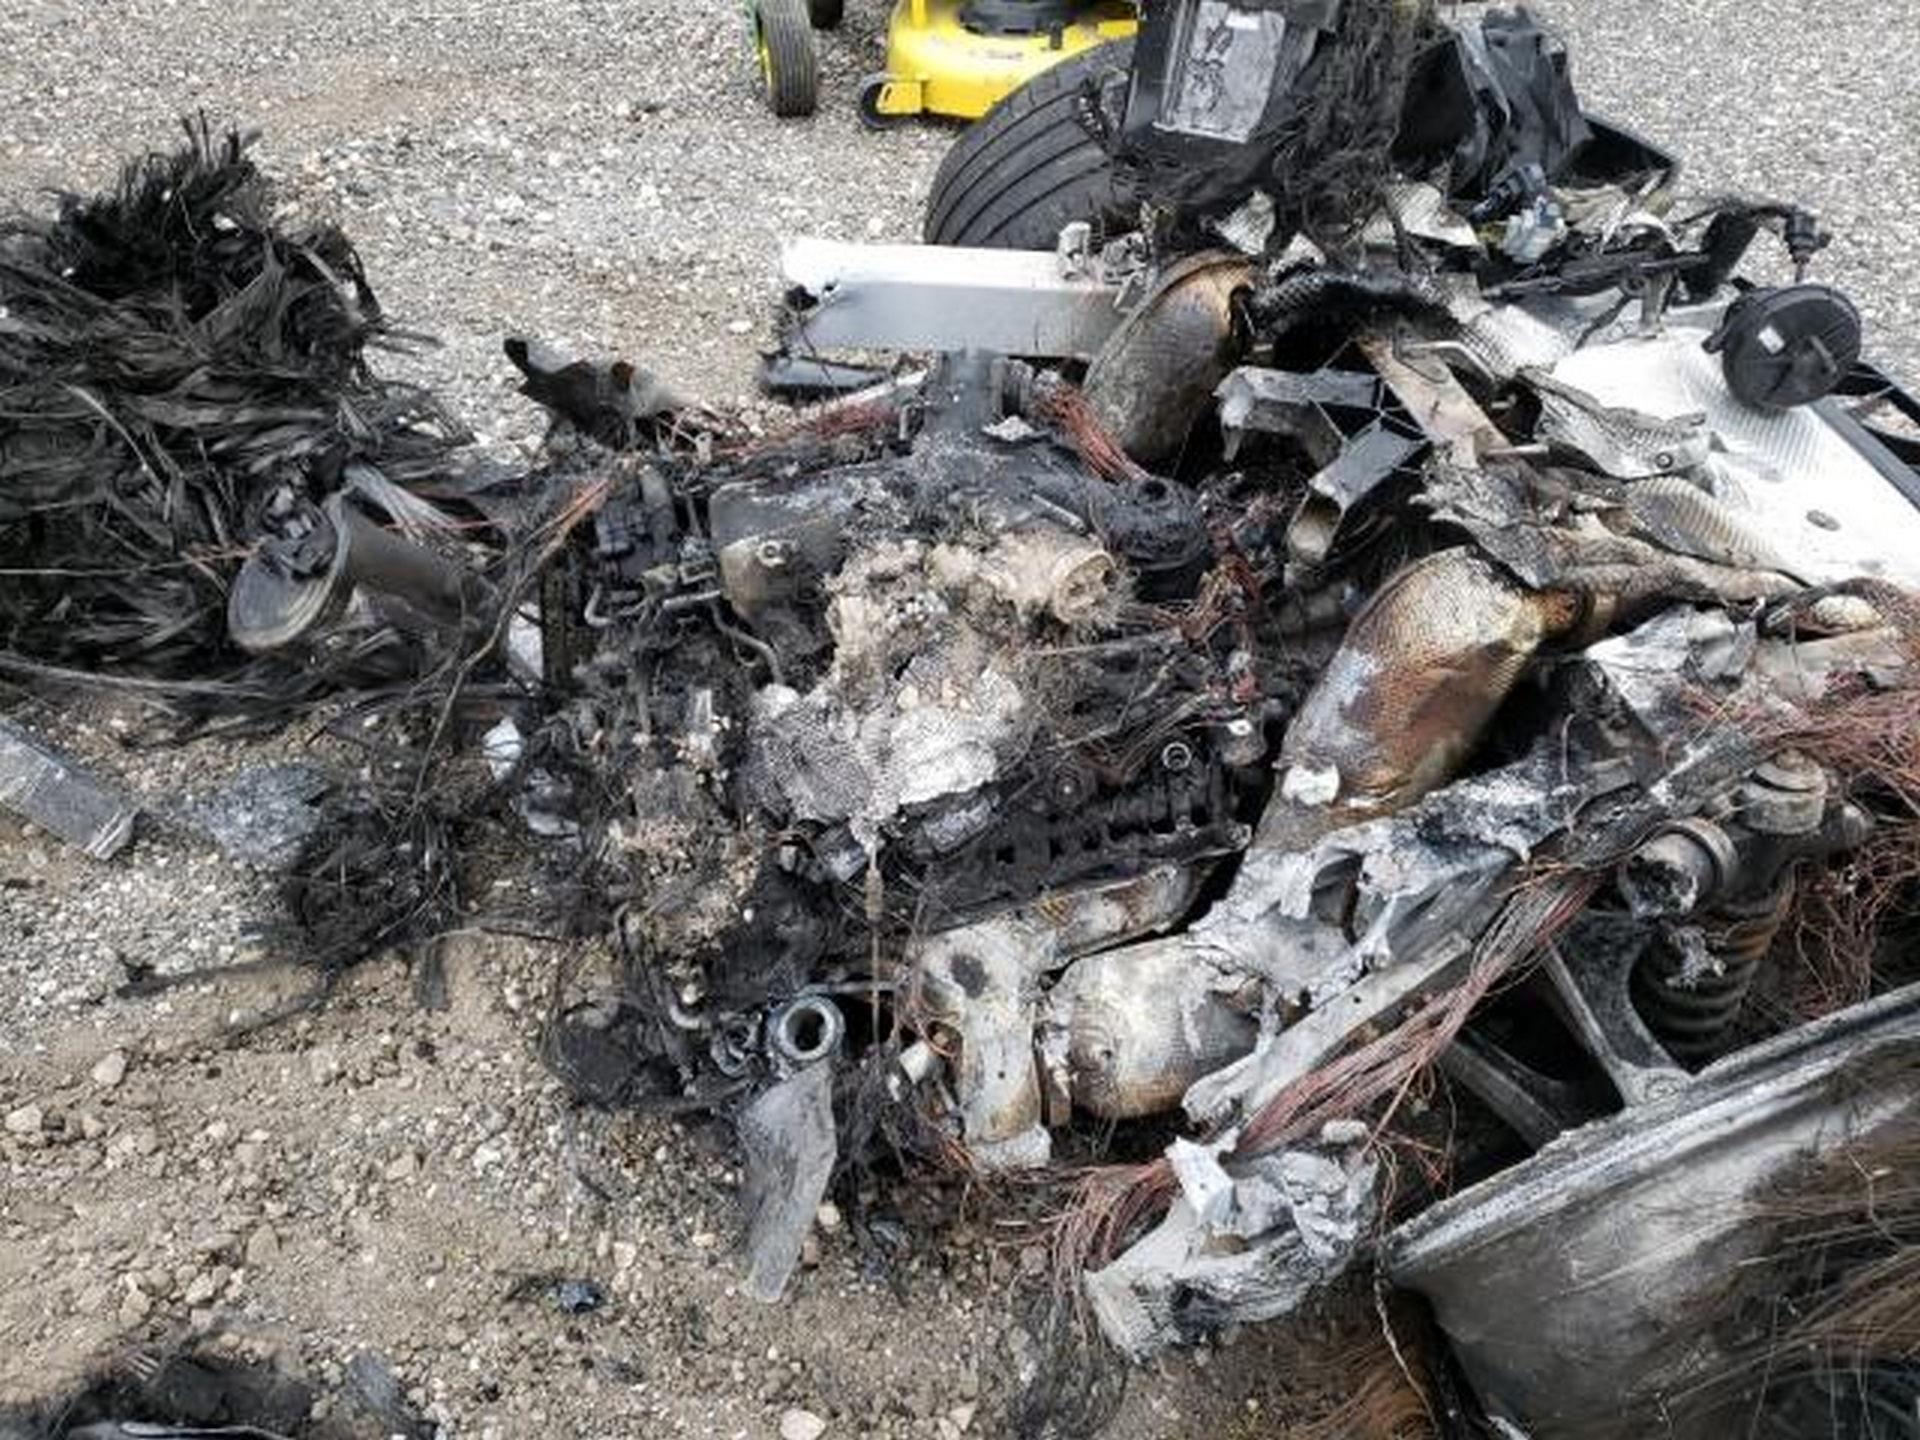 Siêu xe McLaren bị cháy thành tro vẫn được rao bán - 5